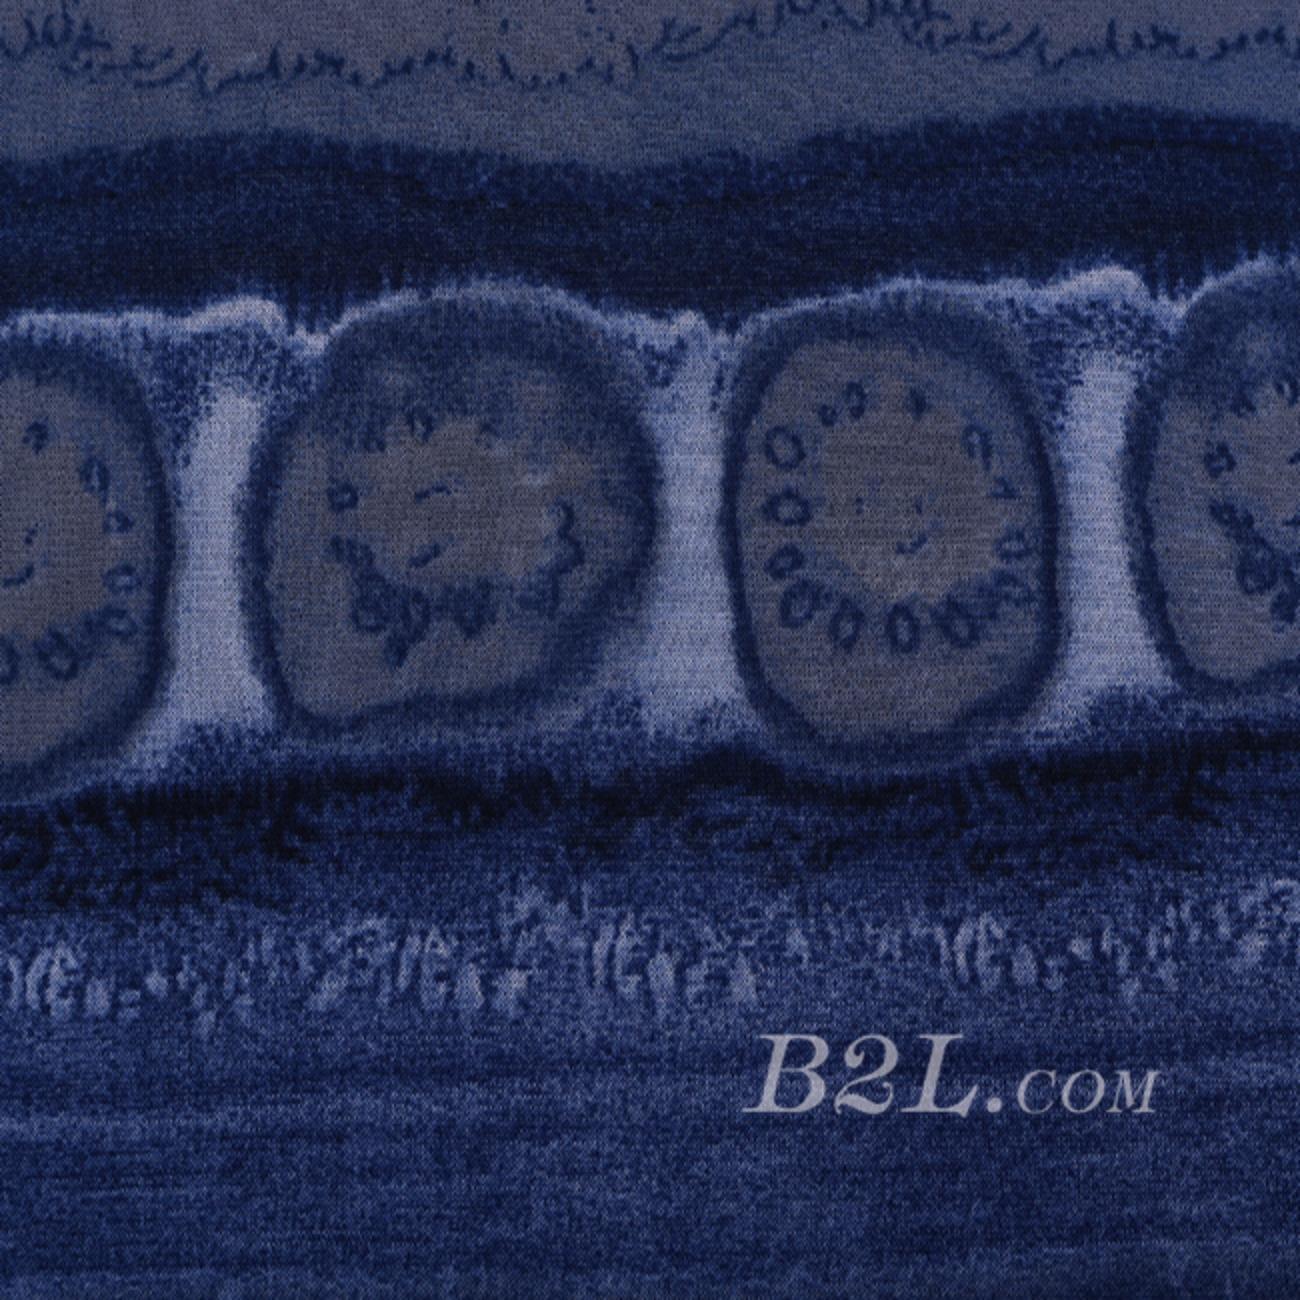 现货 印花 针织 抽象 几何 无弹 薄 春夏 连衣裙 衬衫 童装 女装 60620-28